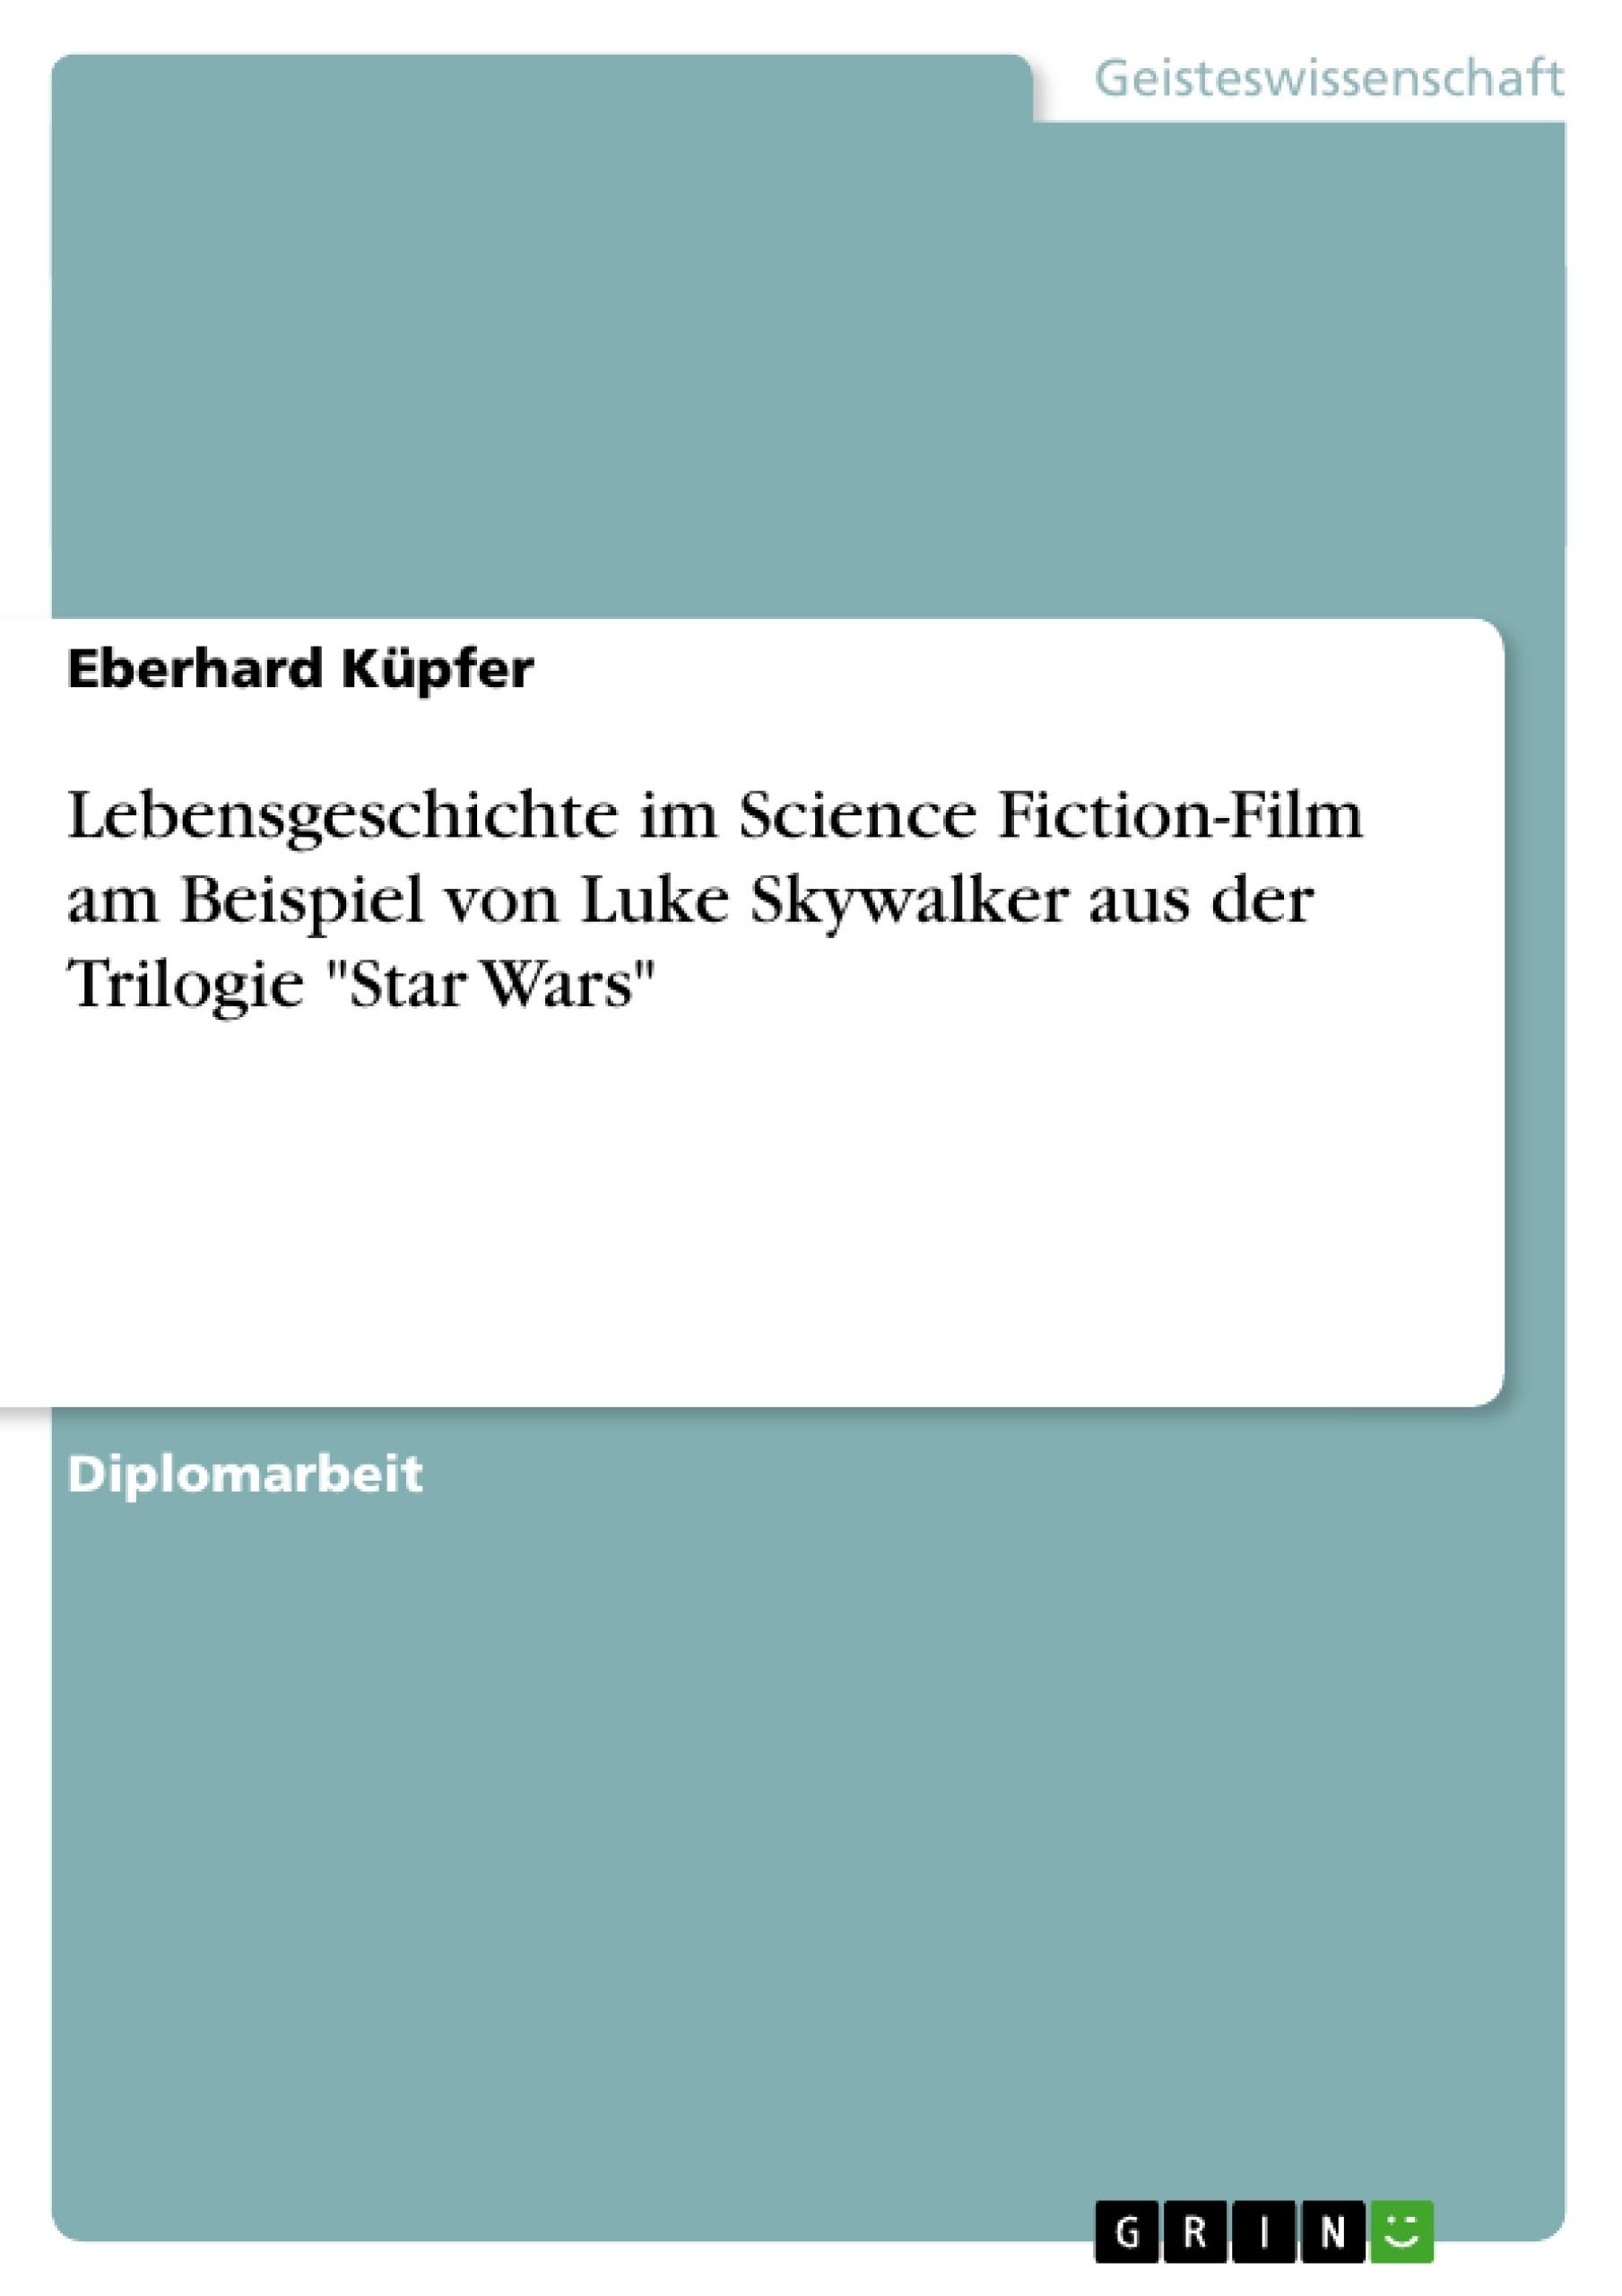 """Titel: Lebensgeschichte im Science Fiction-Film am Beispiel von Luke Skywalker aus der Trilogie """"Star Wars"""""""